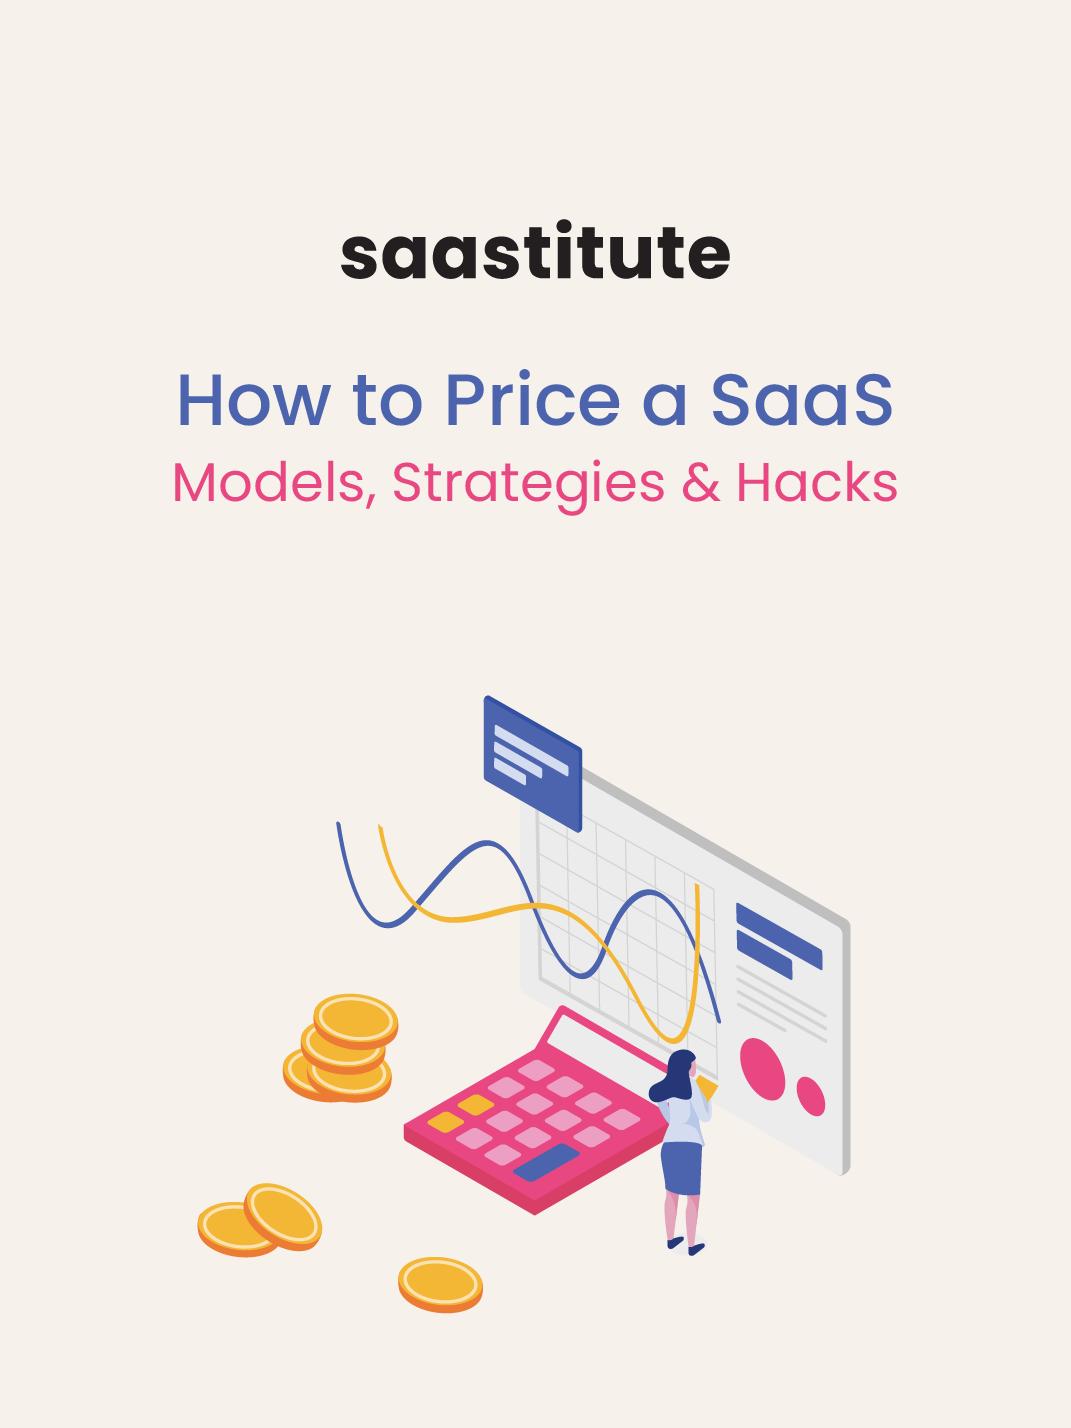 Pricing a SaaS: Models, Strategies & Hacks